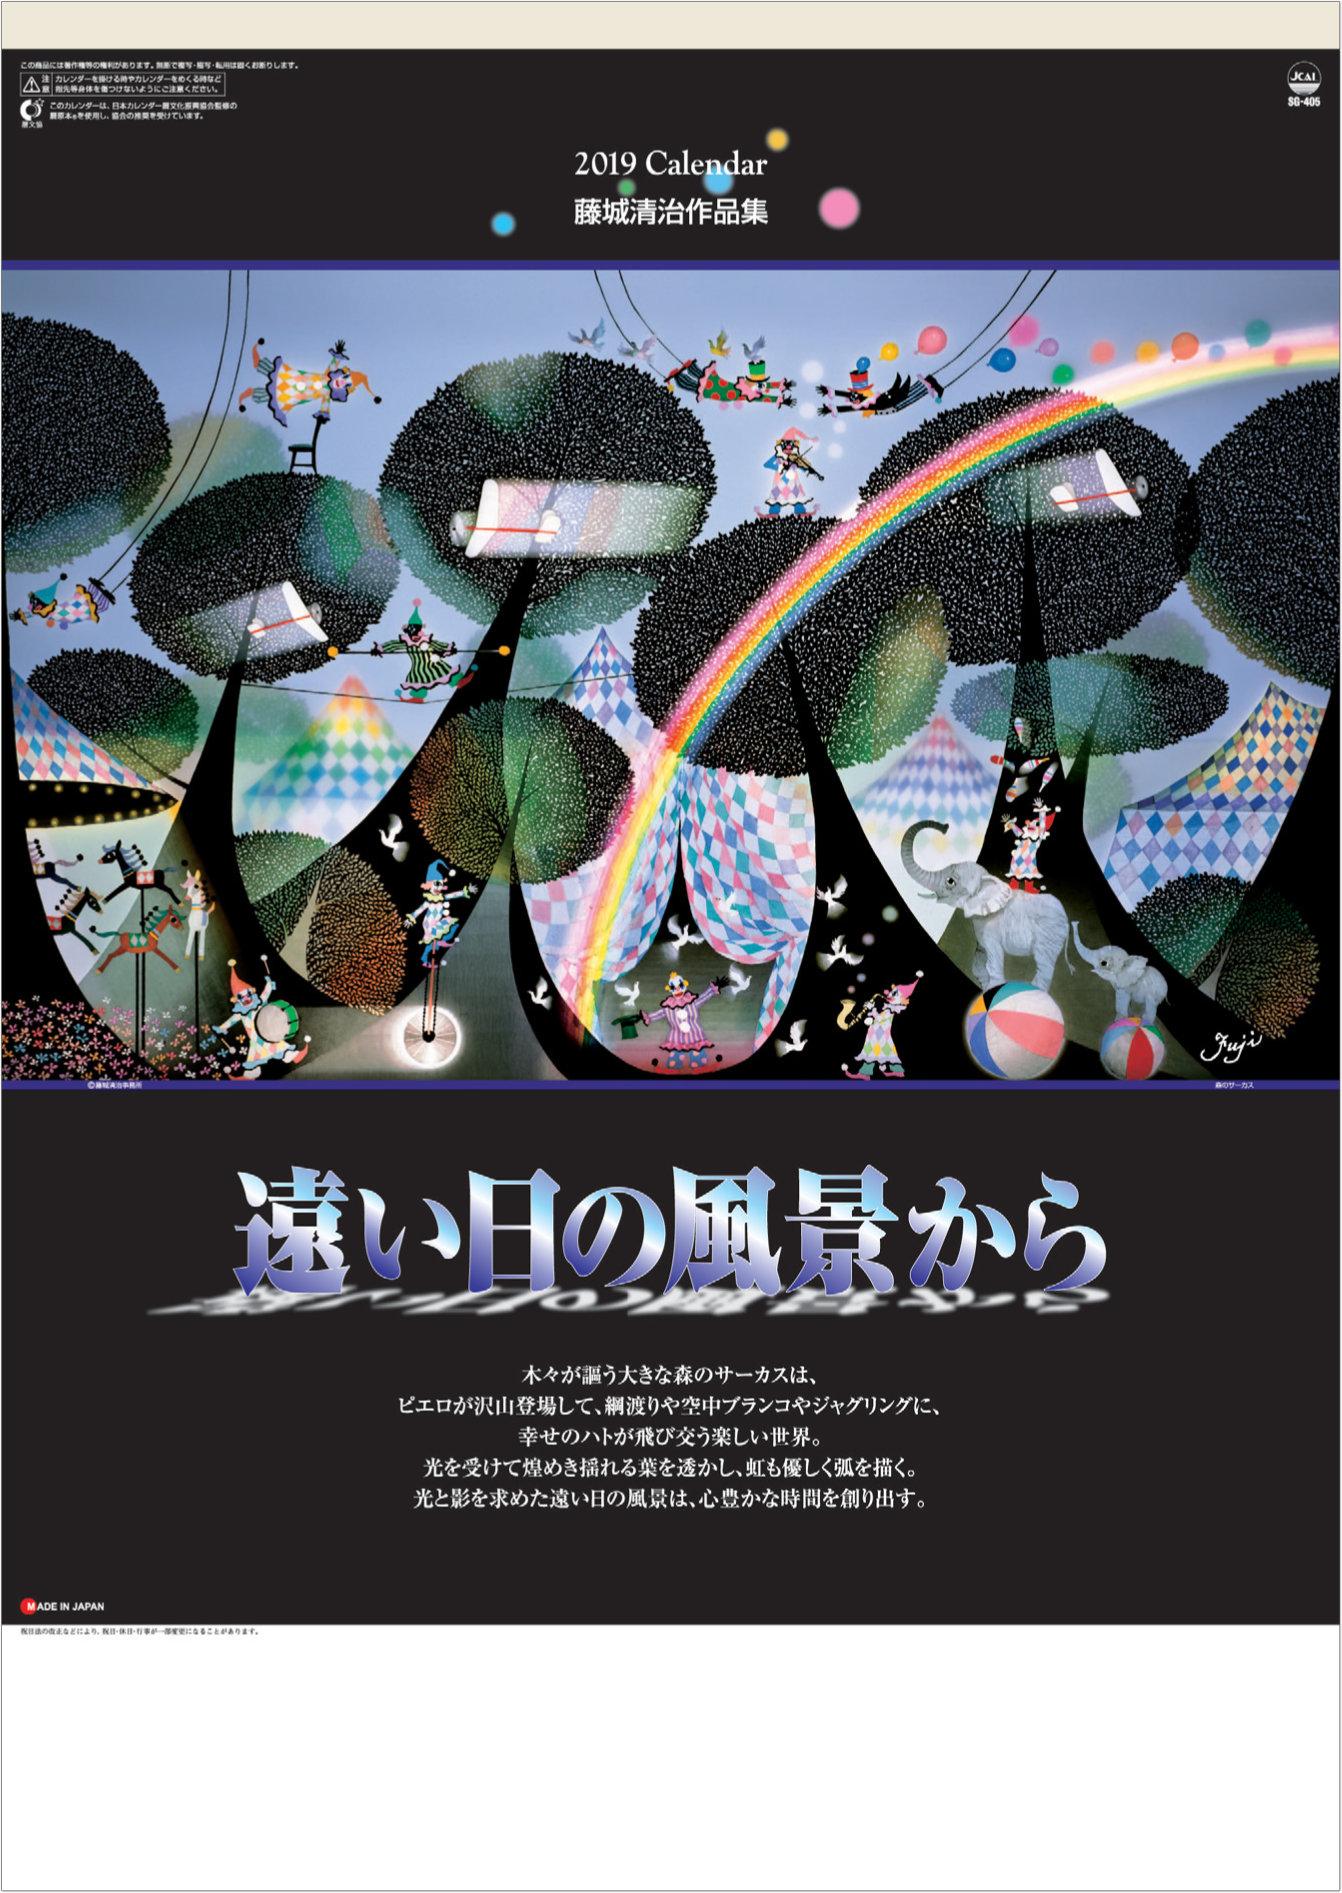 表紙 遠い日の風景から(影絵)  藤城清治 2019年カレンダーの画像